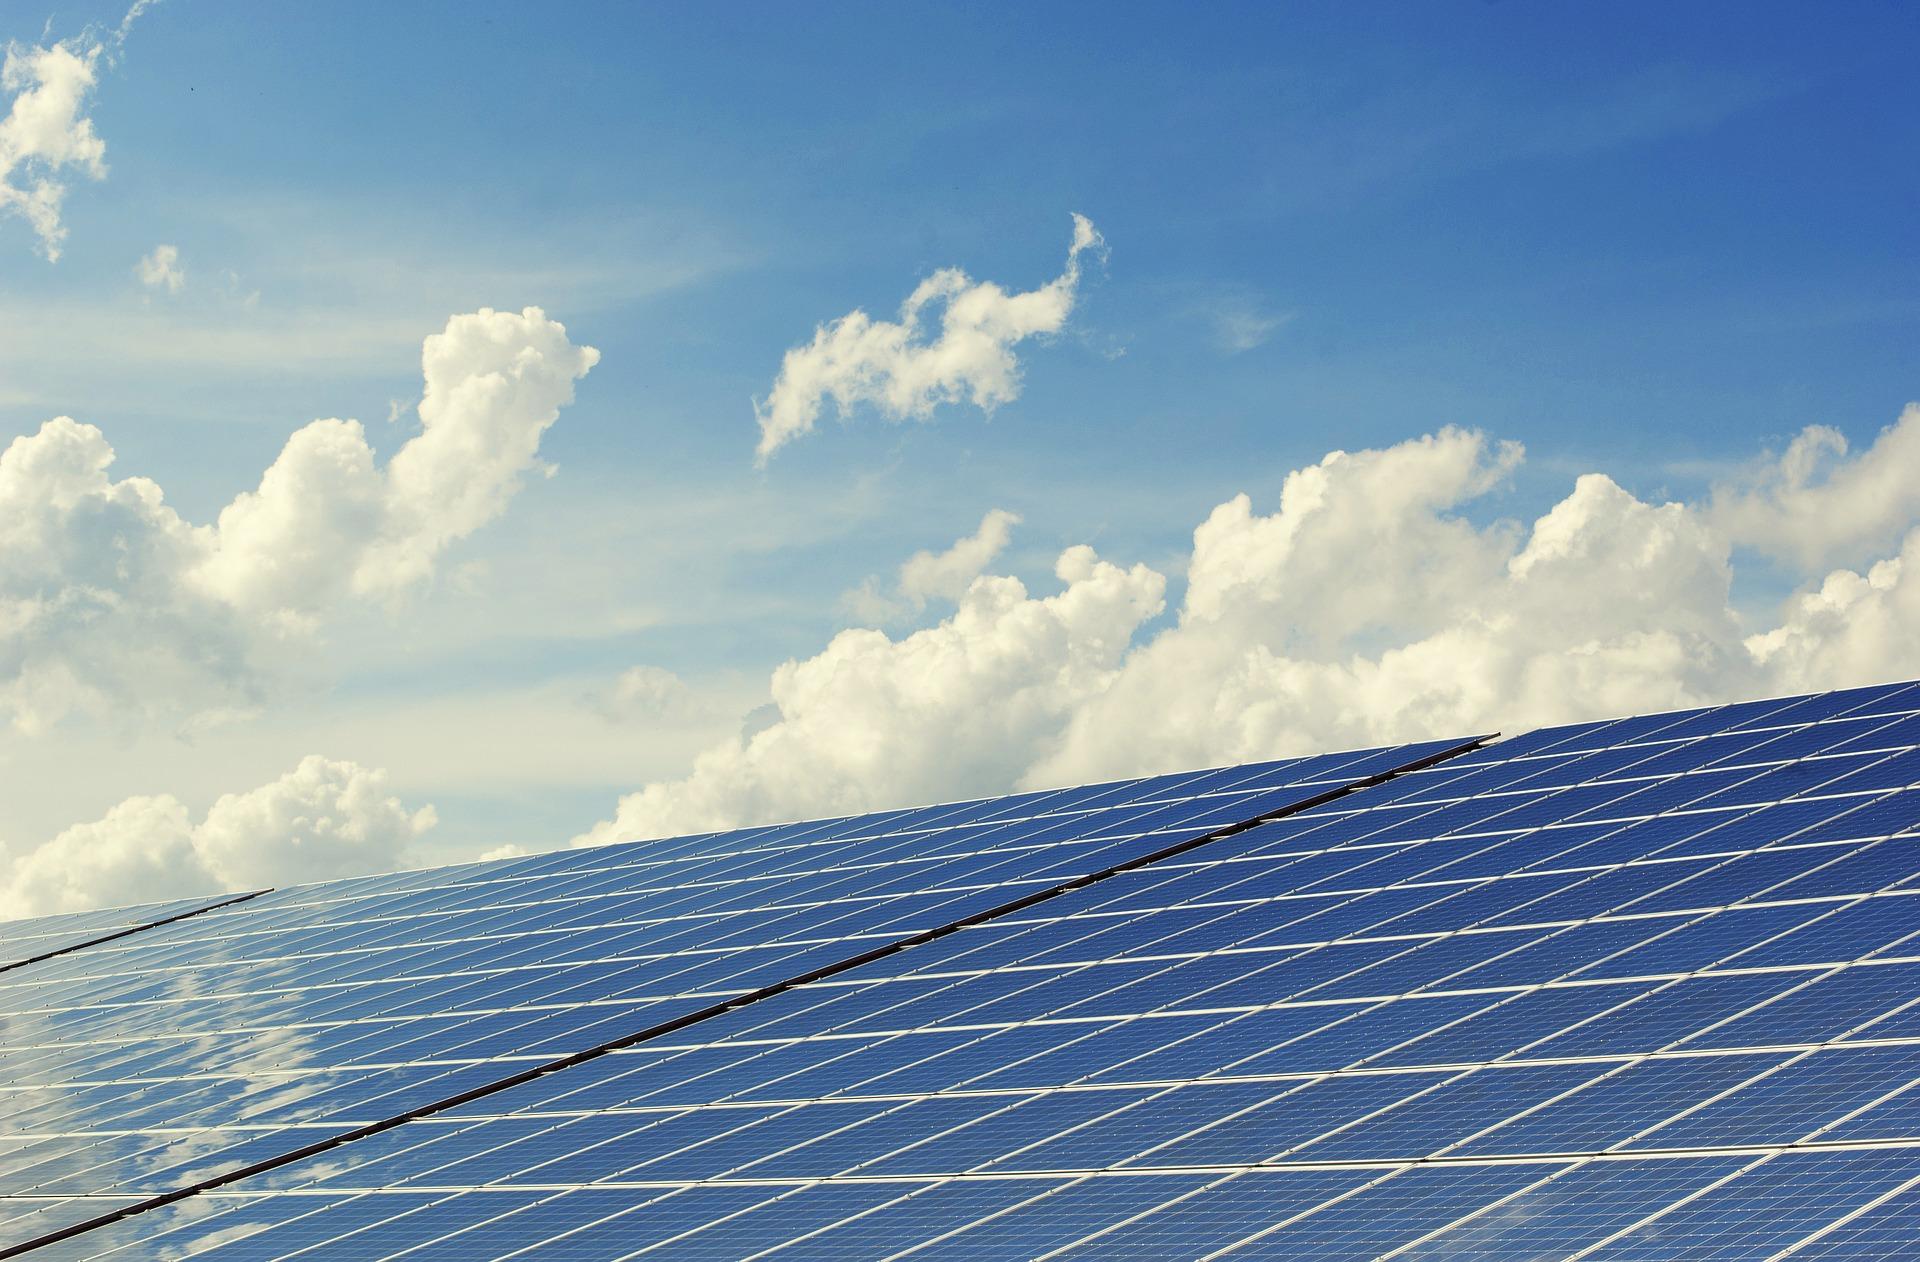 Många fördelar med solenergi